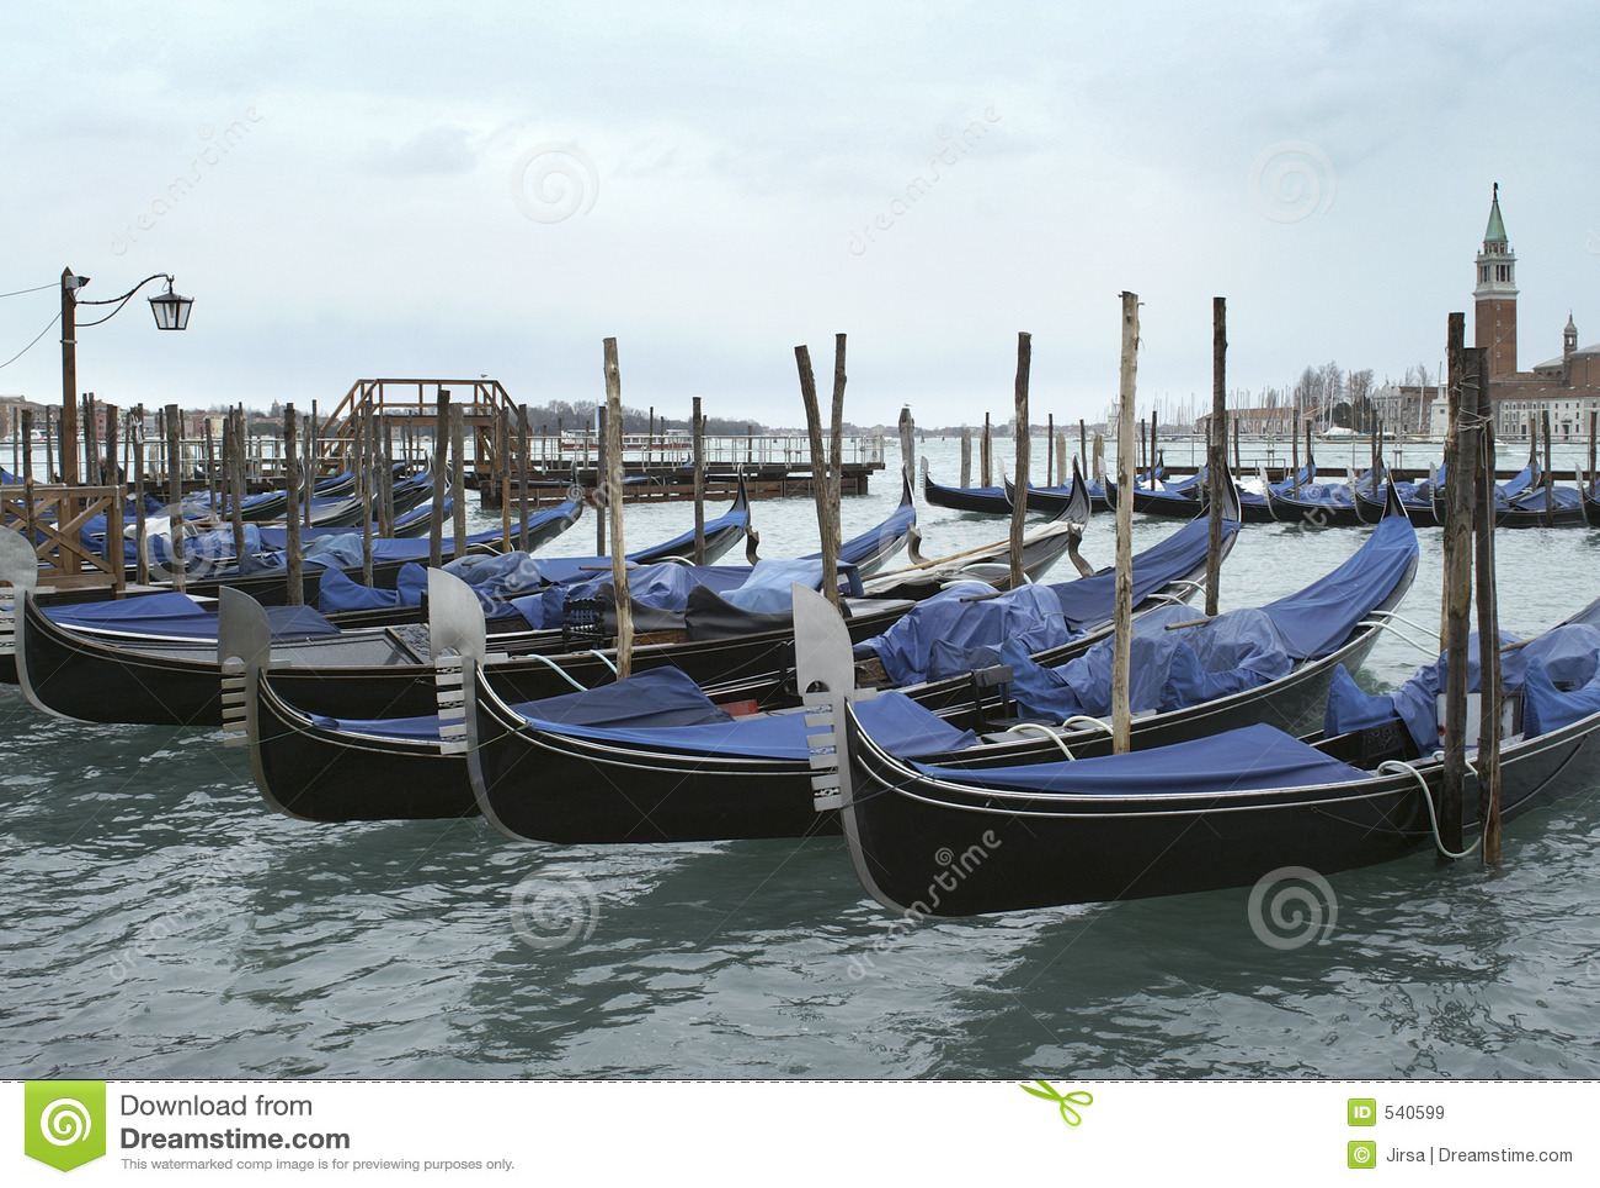 Download 长平底船 库存图片. 图片 包括有 狂欢节, 长平底船, 五颜六色, 意大利, 天空, 海运, 威尼斯, 通知 - 540599